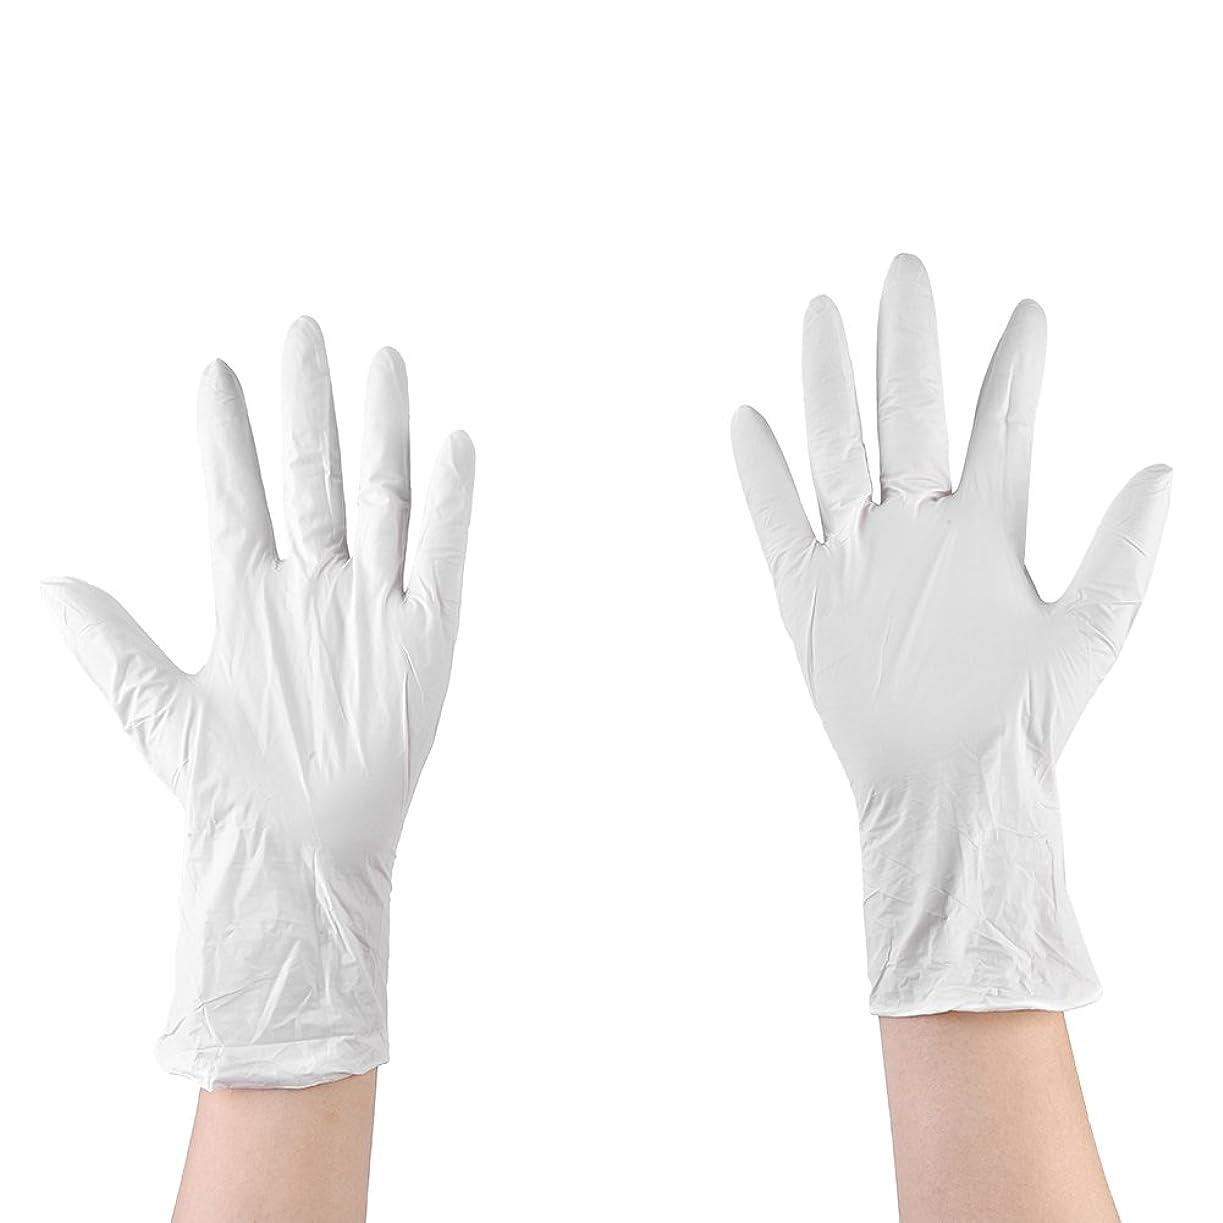 用心再撮り必要条件使い捨て手袋 ニトリルグローブ ホワイト 粉なし タトゥー/歯科/病院/研究室に適応 M/L選択可 50枚 左右兼用 作業手袋(M)